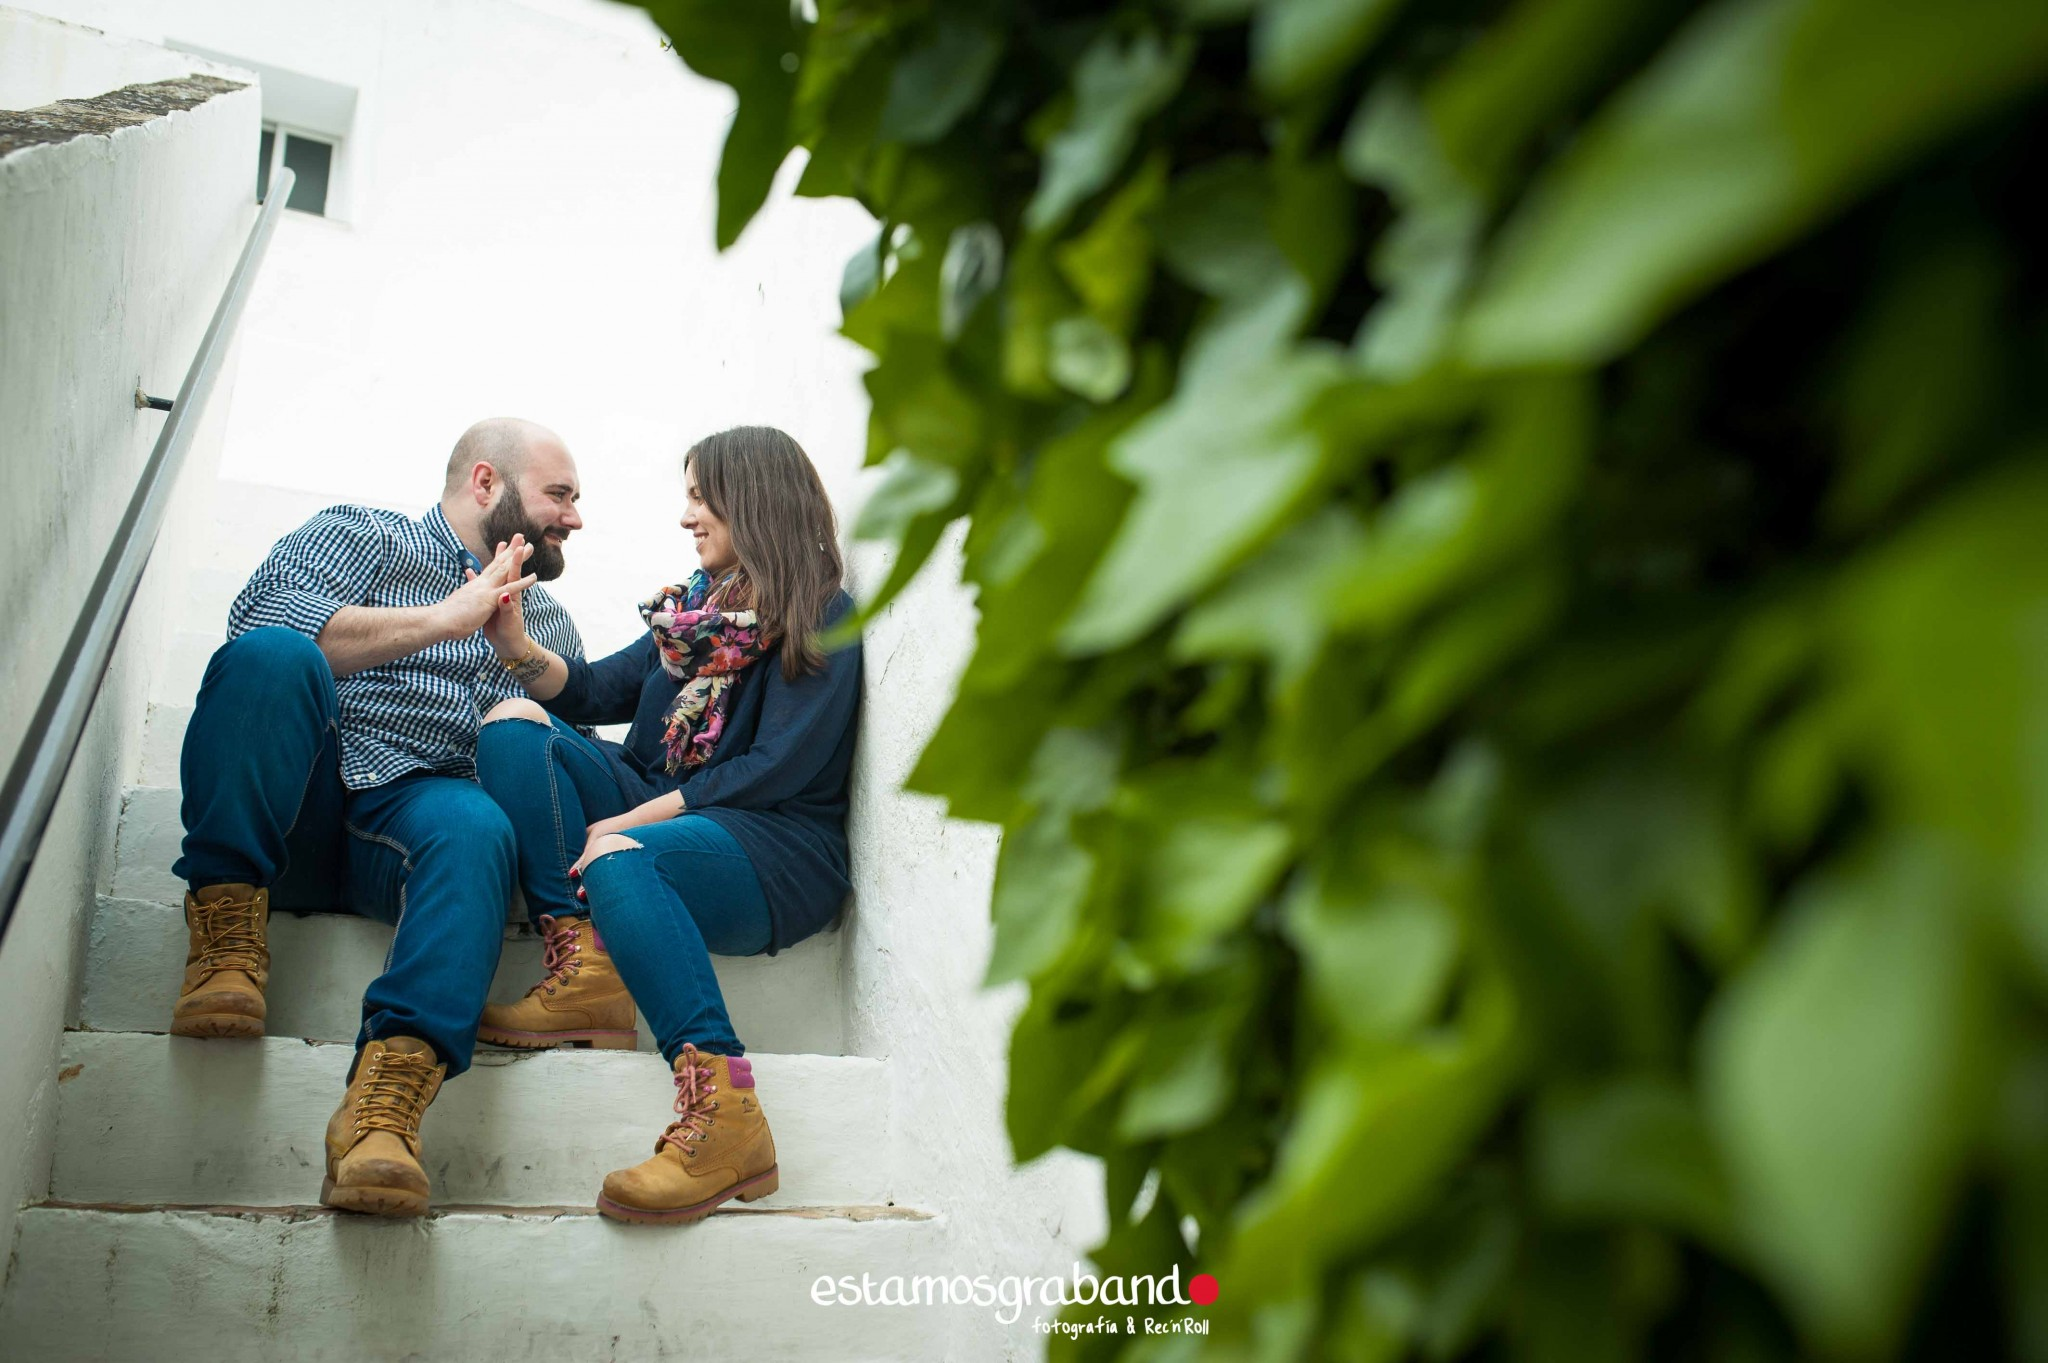 mariano-leticia-blog-13-de-25 Mariano & Leticia [Fotografía Preboda en Vejer y El Palmar] - video boda cadiz